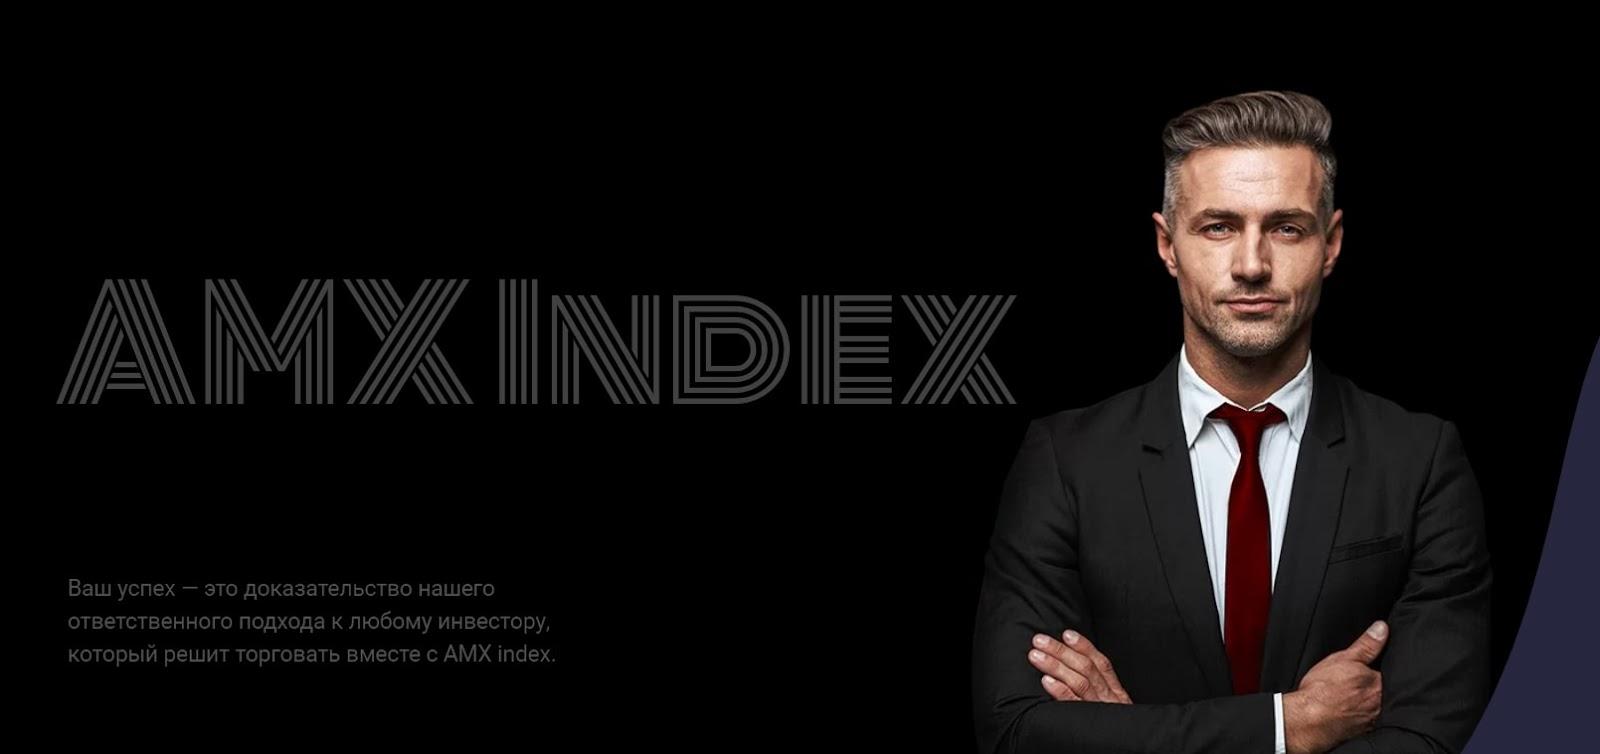 Честный брокер или лохотрон: подробный обзор AMX Index и отзывы о проекте реальные отзывы